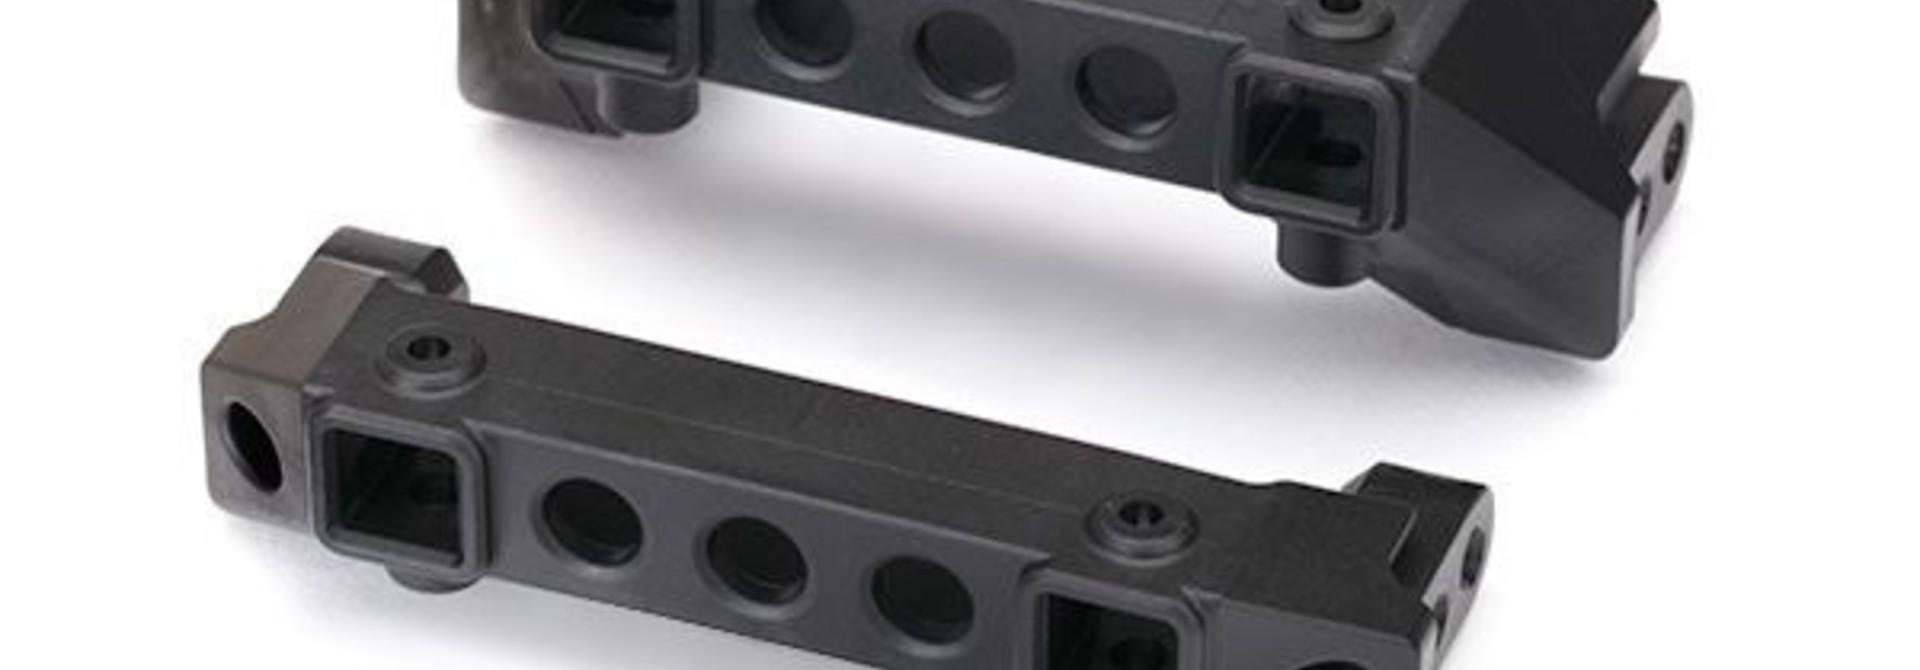 Bumper mounts, front & rear/ screw pins (4), TRX8237